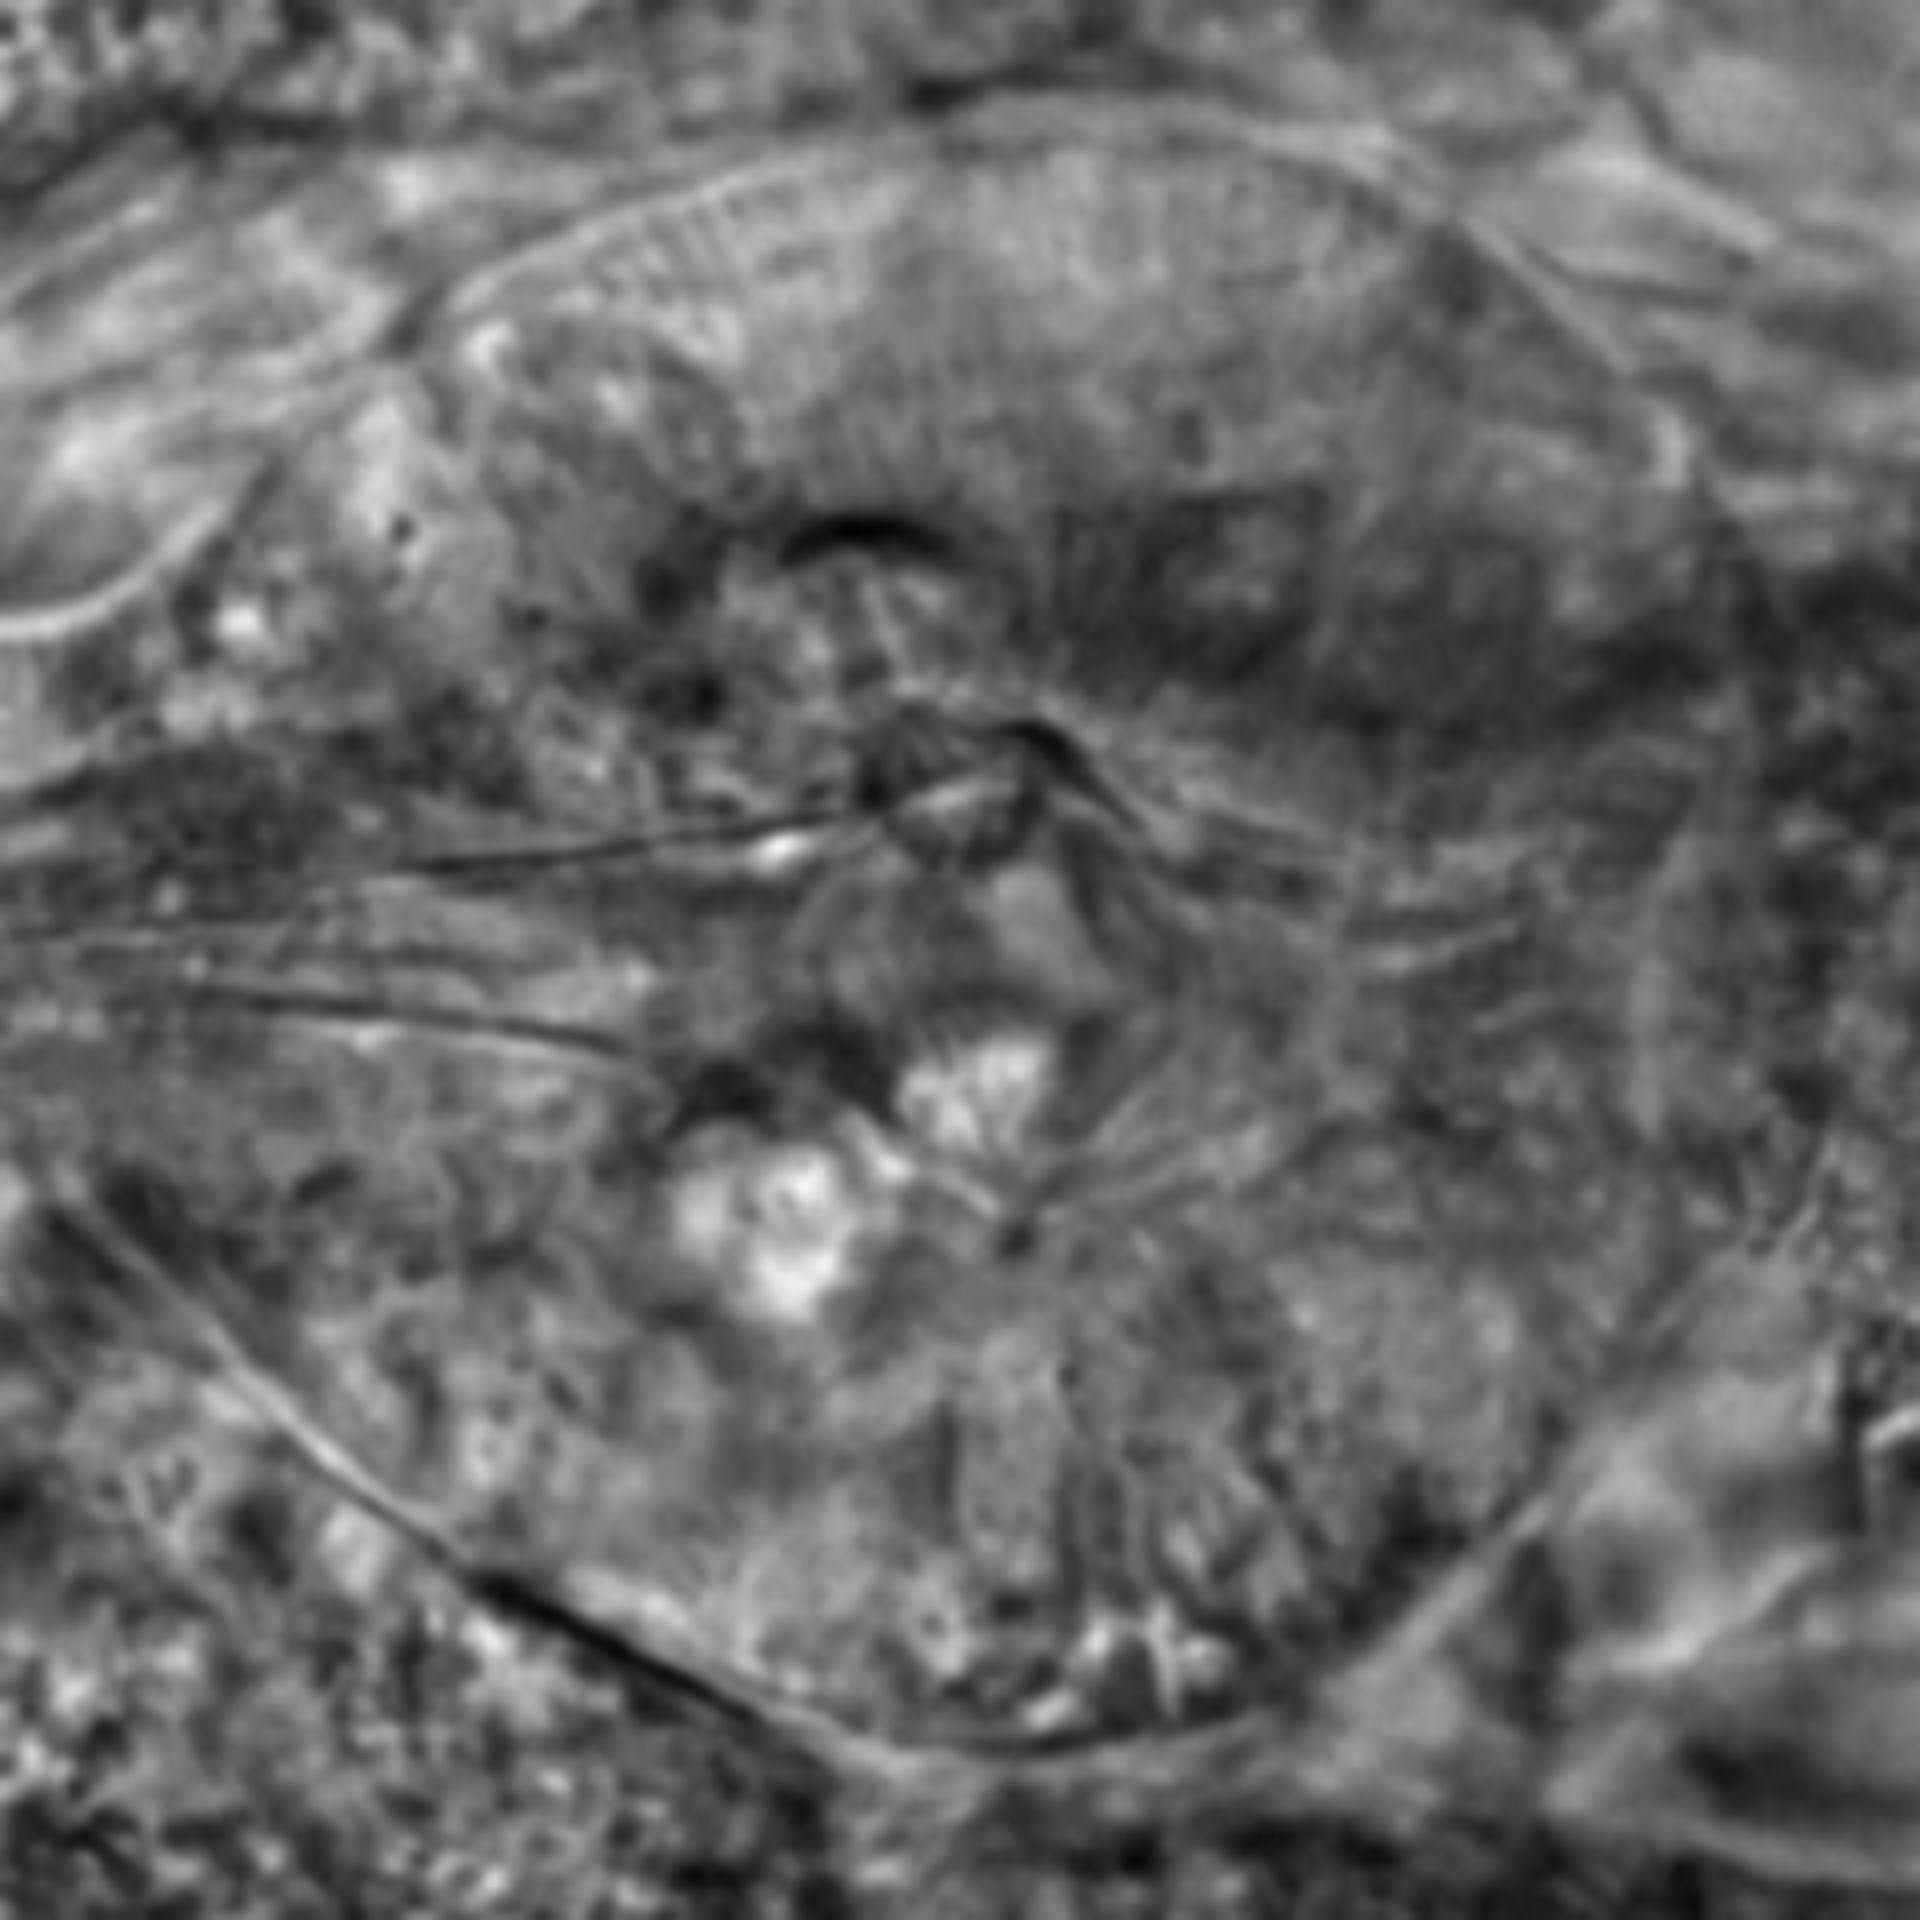 Caenorhabditis elegans - CIL:2607